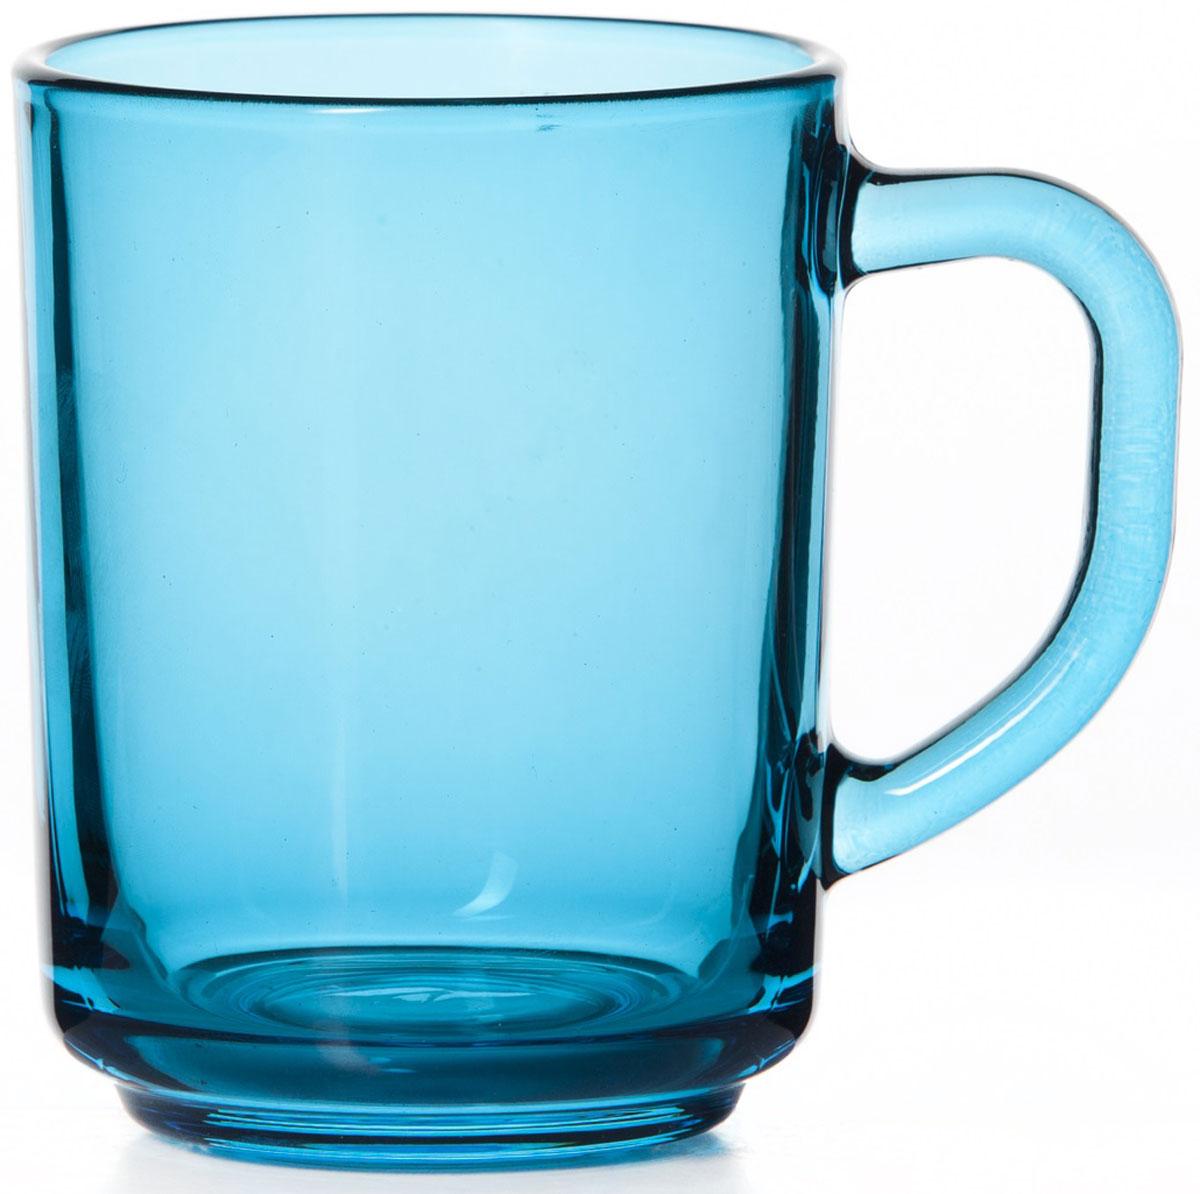 Кружка Pasabahce Энжой Блю, цвет: голубой, 250 мл55029SLBD31Кружка синего цвета V=250 мл